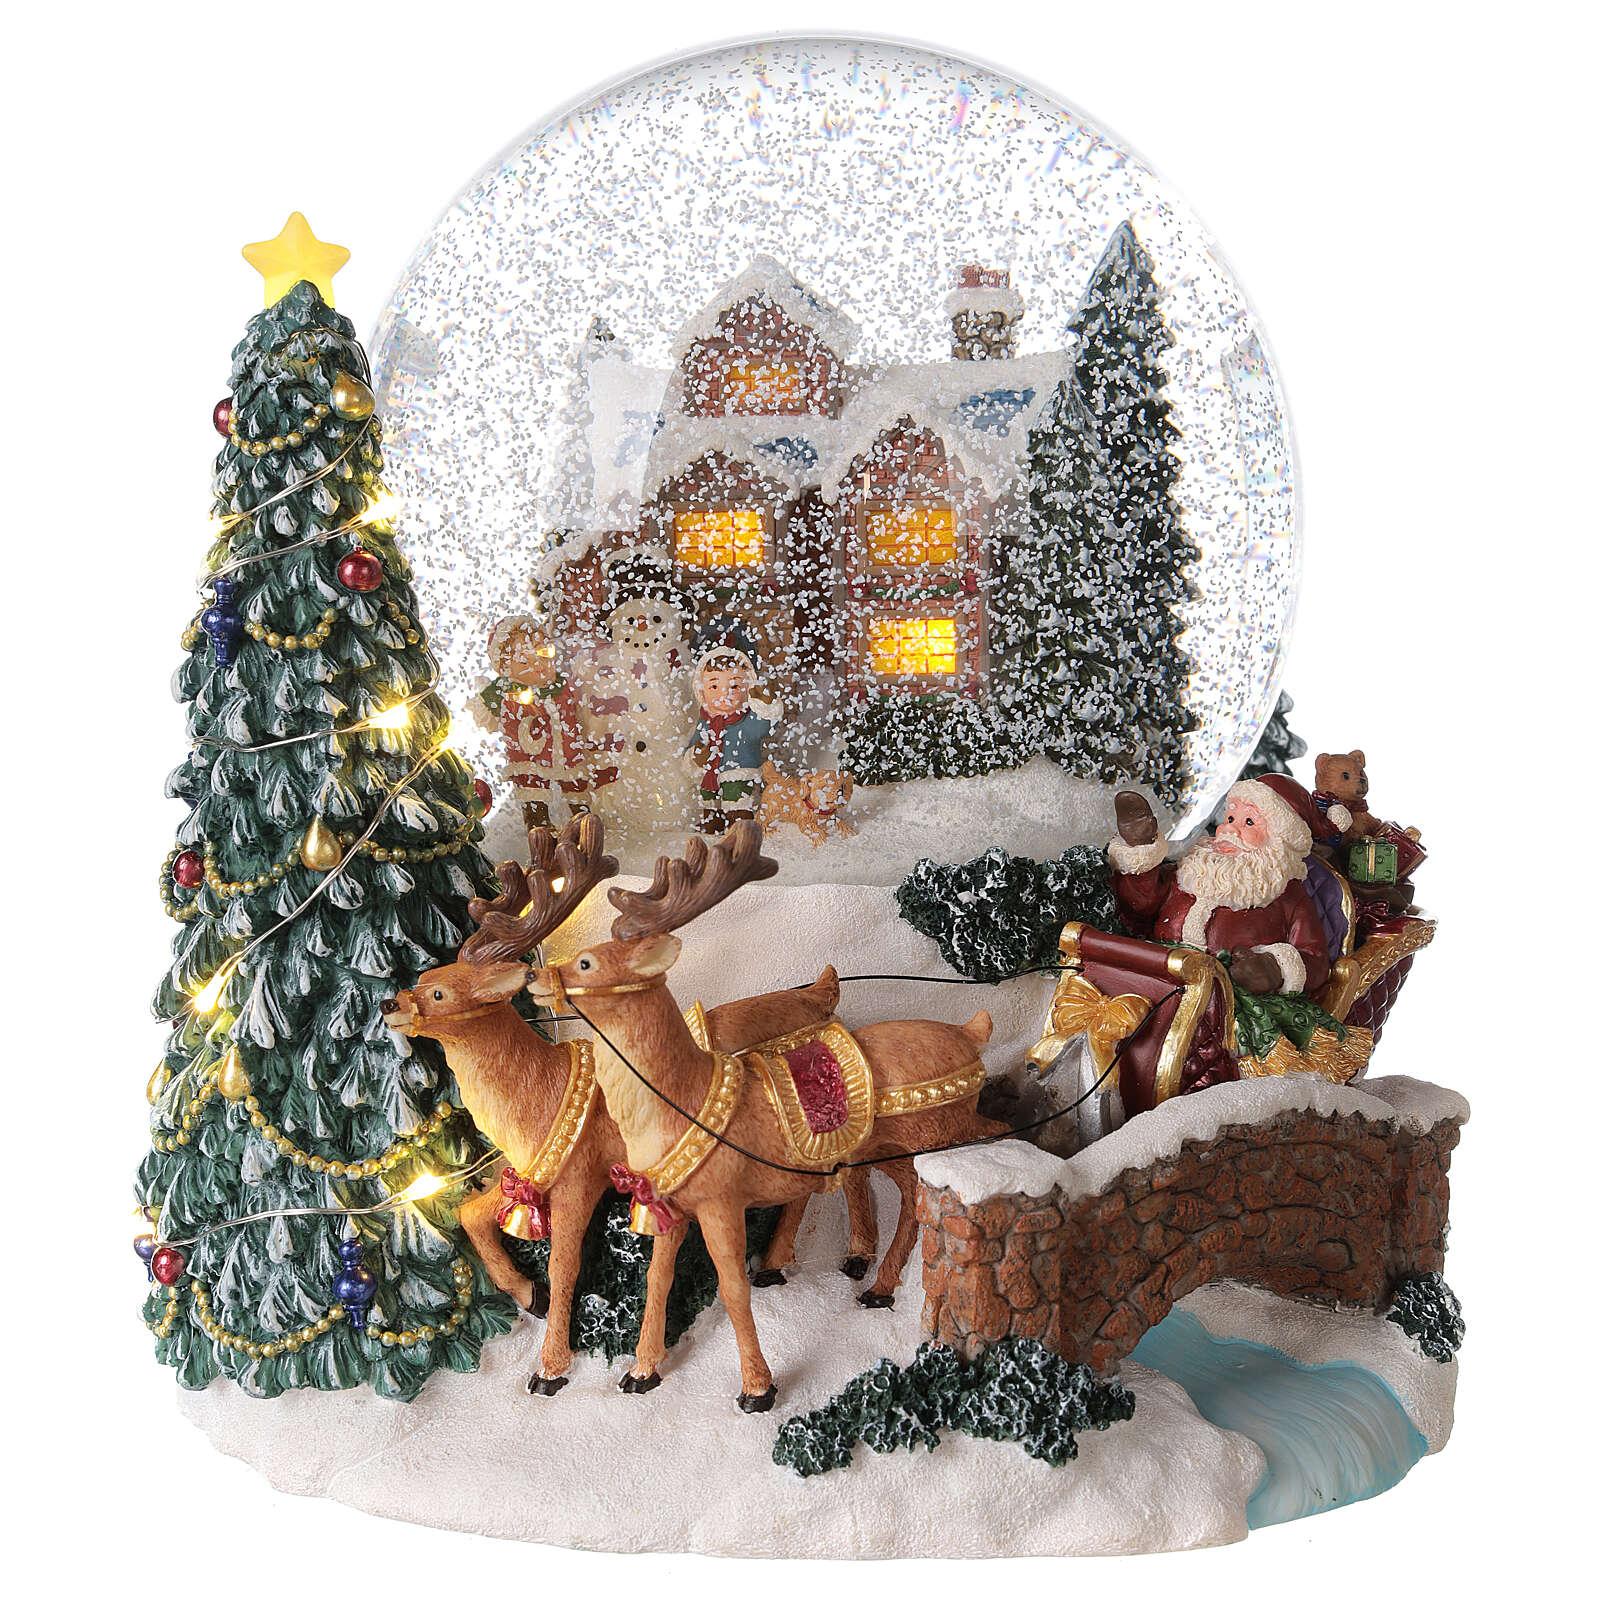 Palla di vetro neve slitta Babbo Natale carillon luci 20x20x20 cm 3